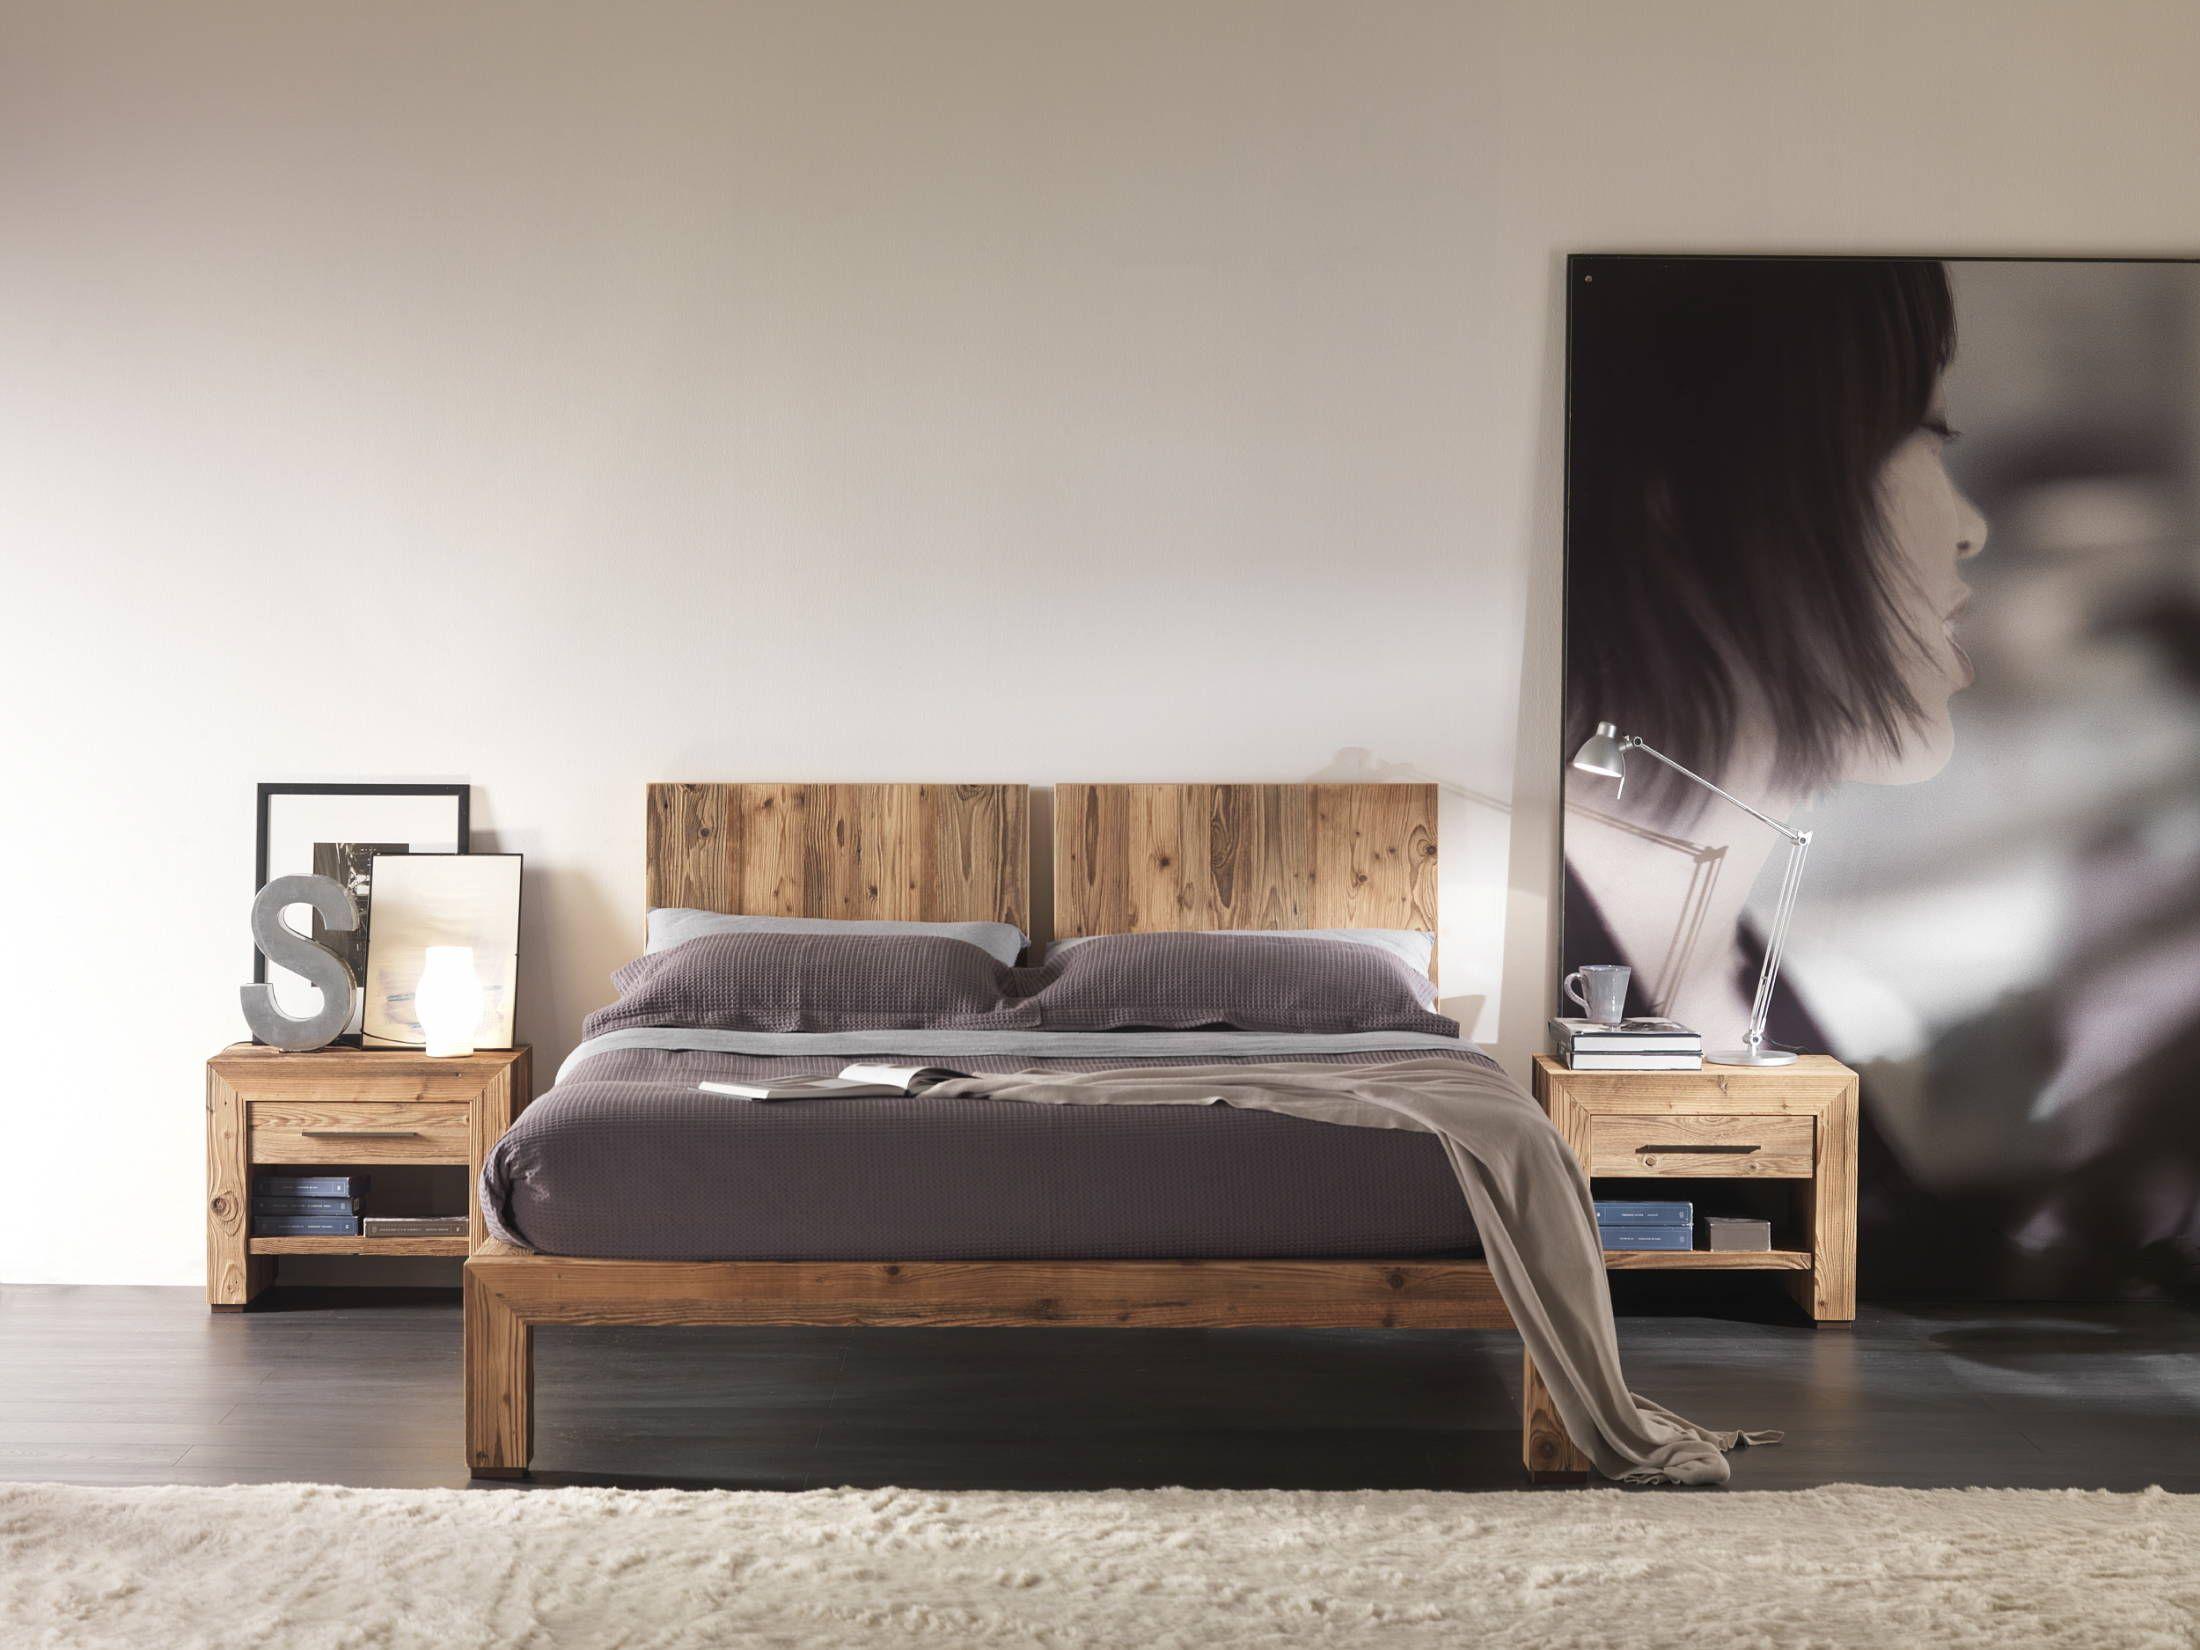 letto in legno di recupero | Sesto Senso | Pinterest | Senso and ...